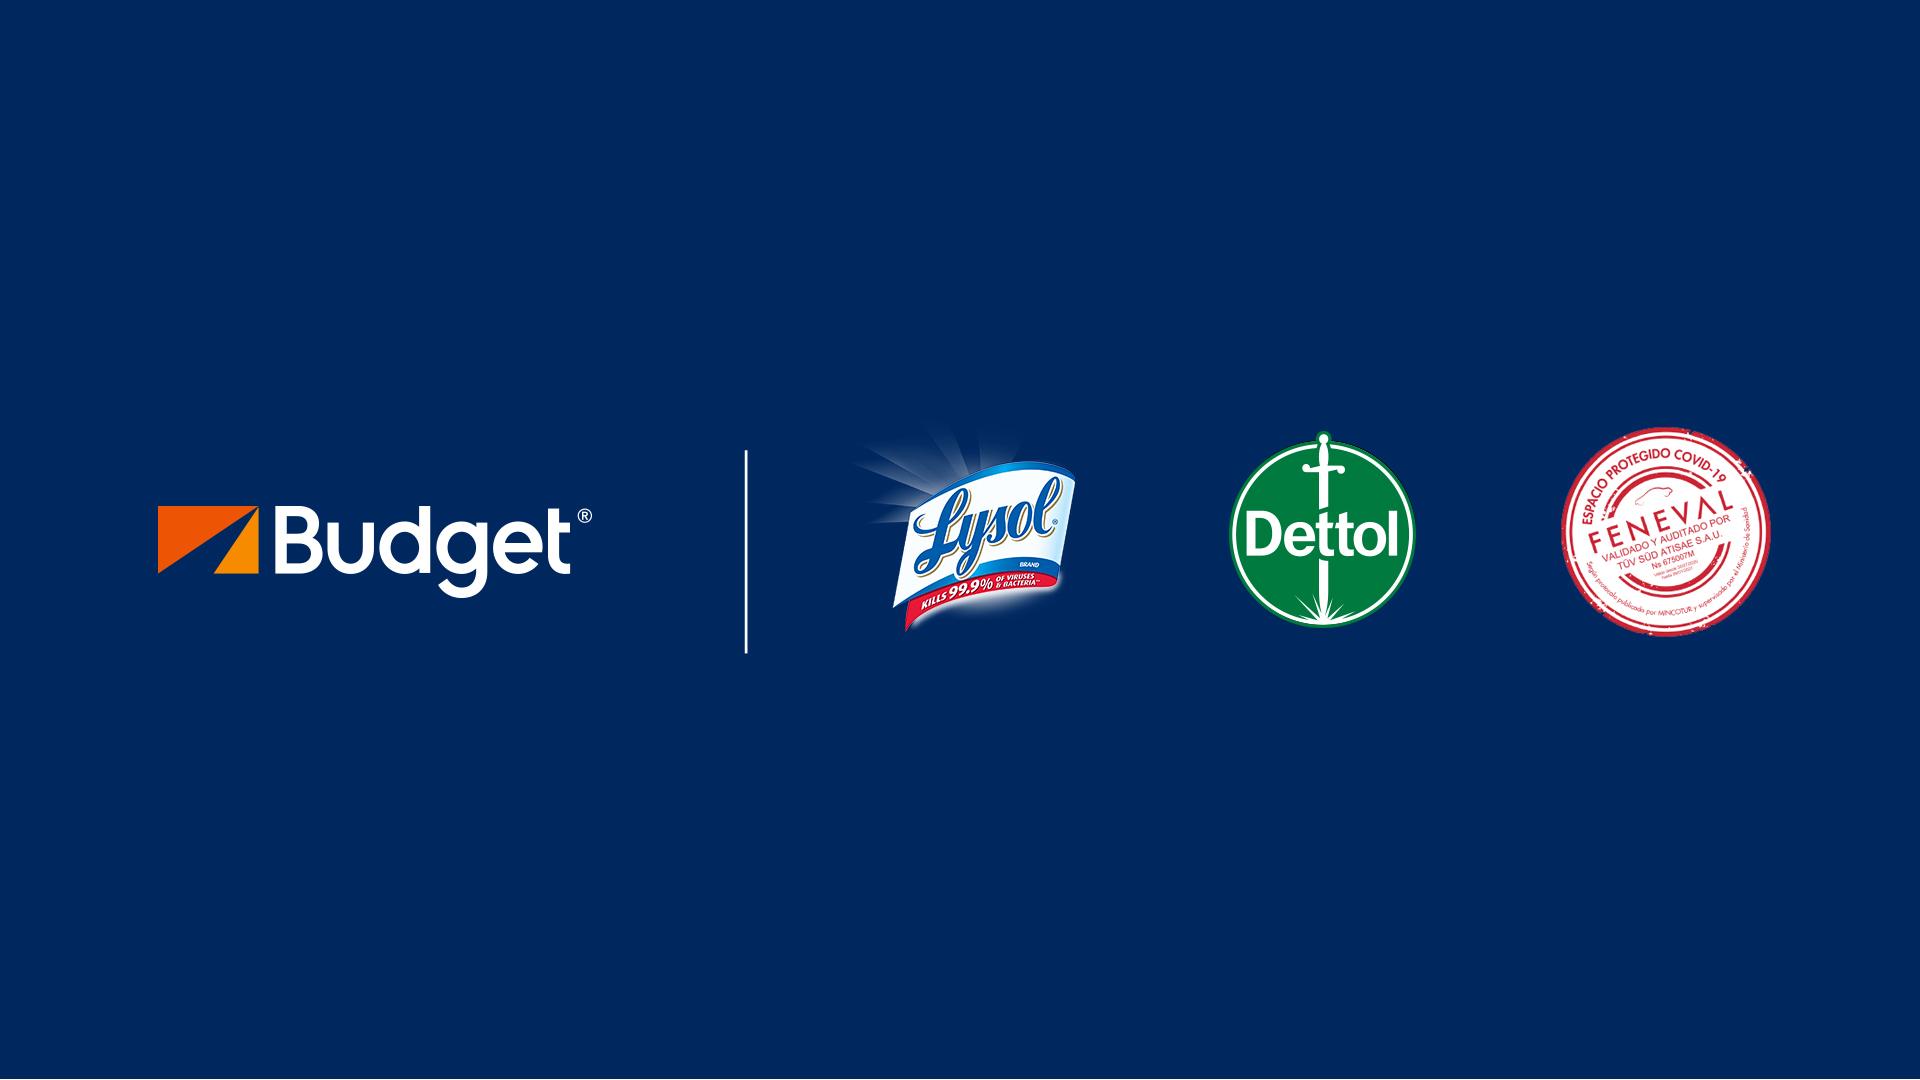 Budget, con la protección de Dettol & Lysol